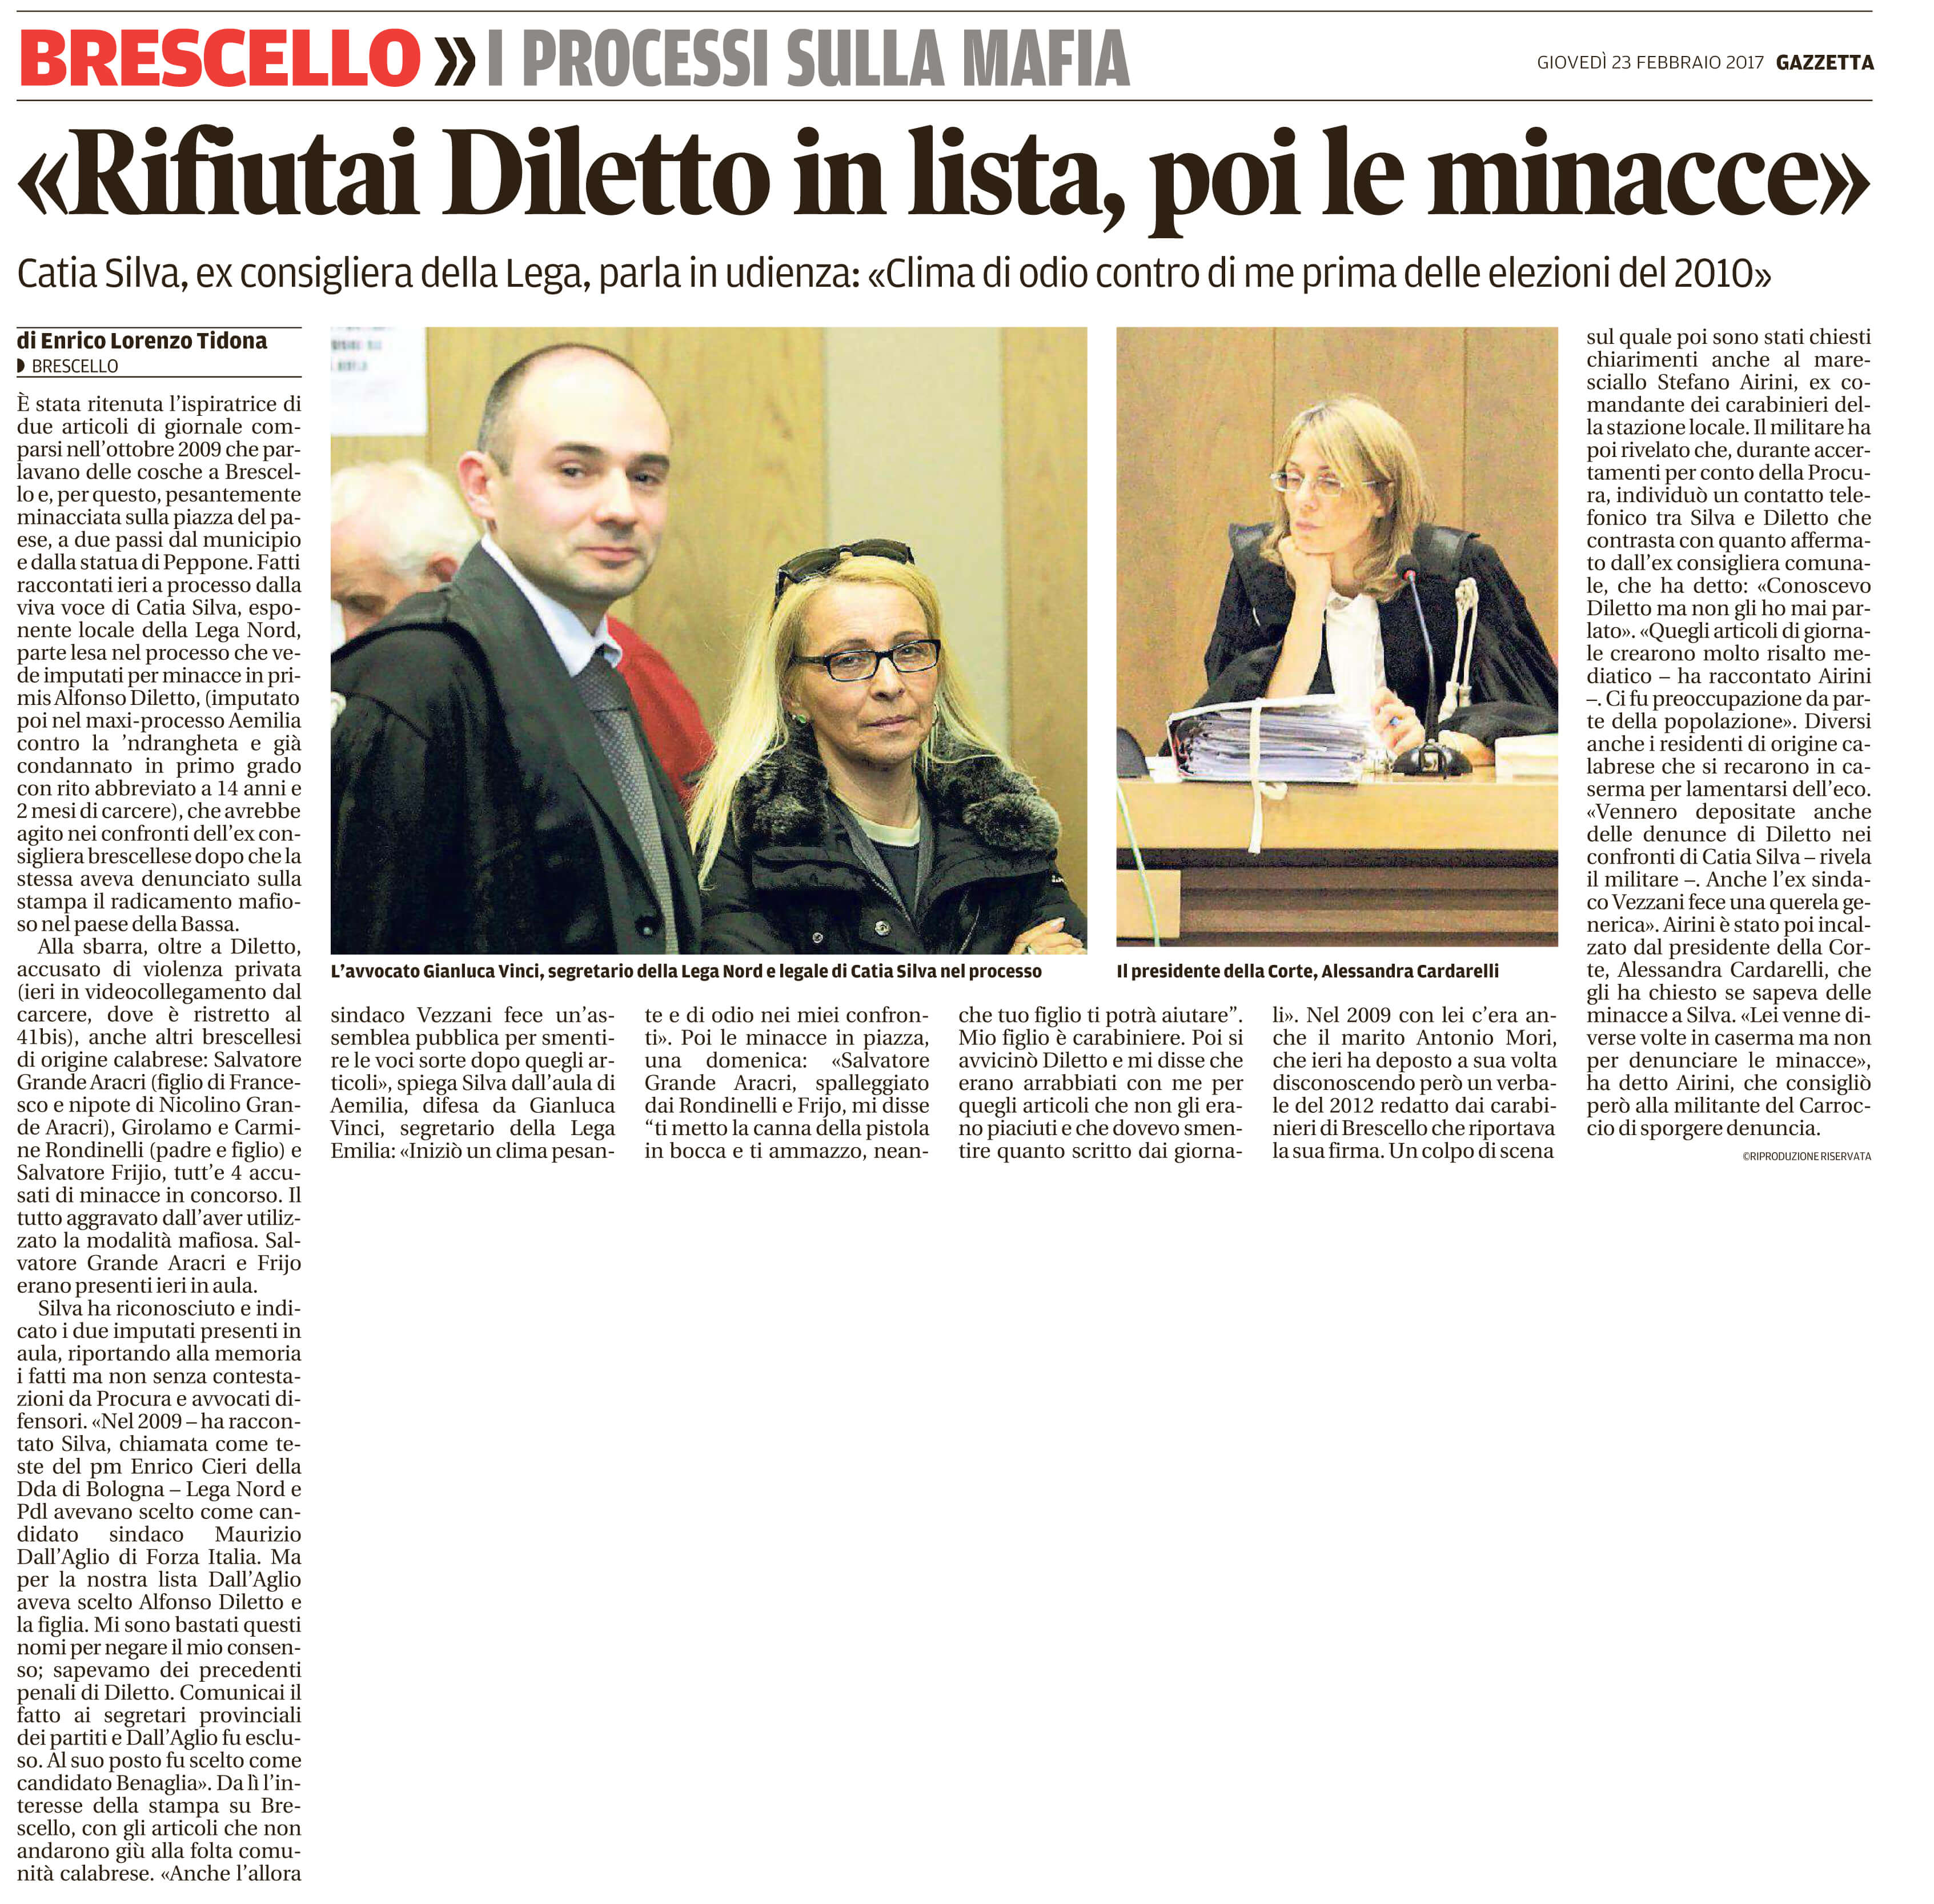 Rifiutai Diletto, poi le minacce